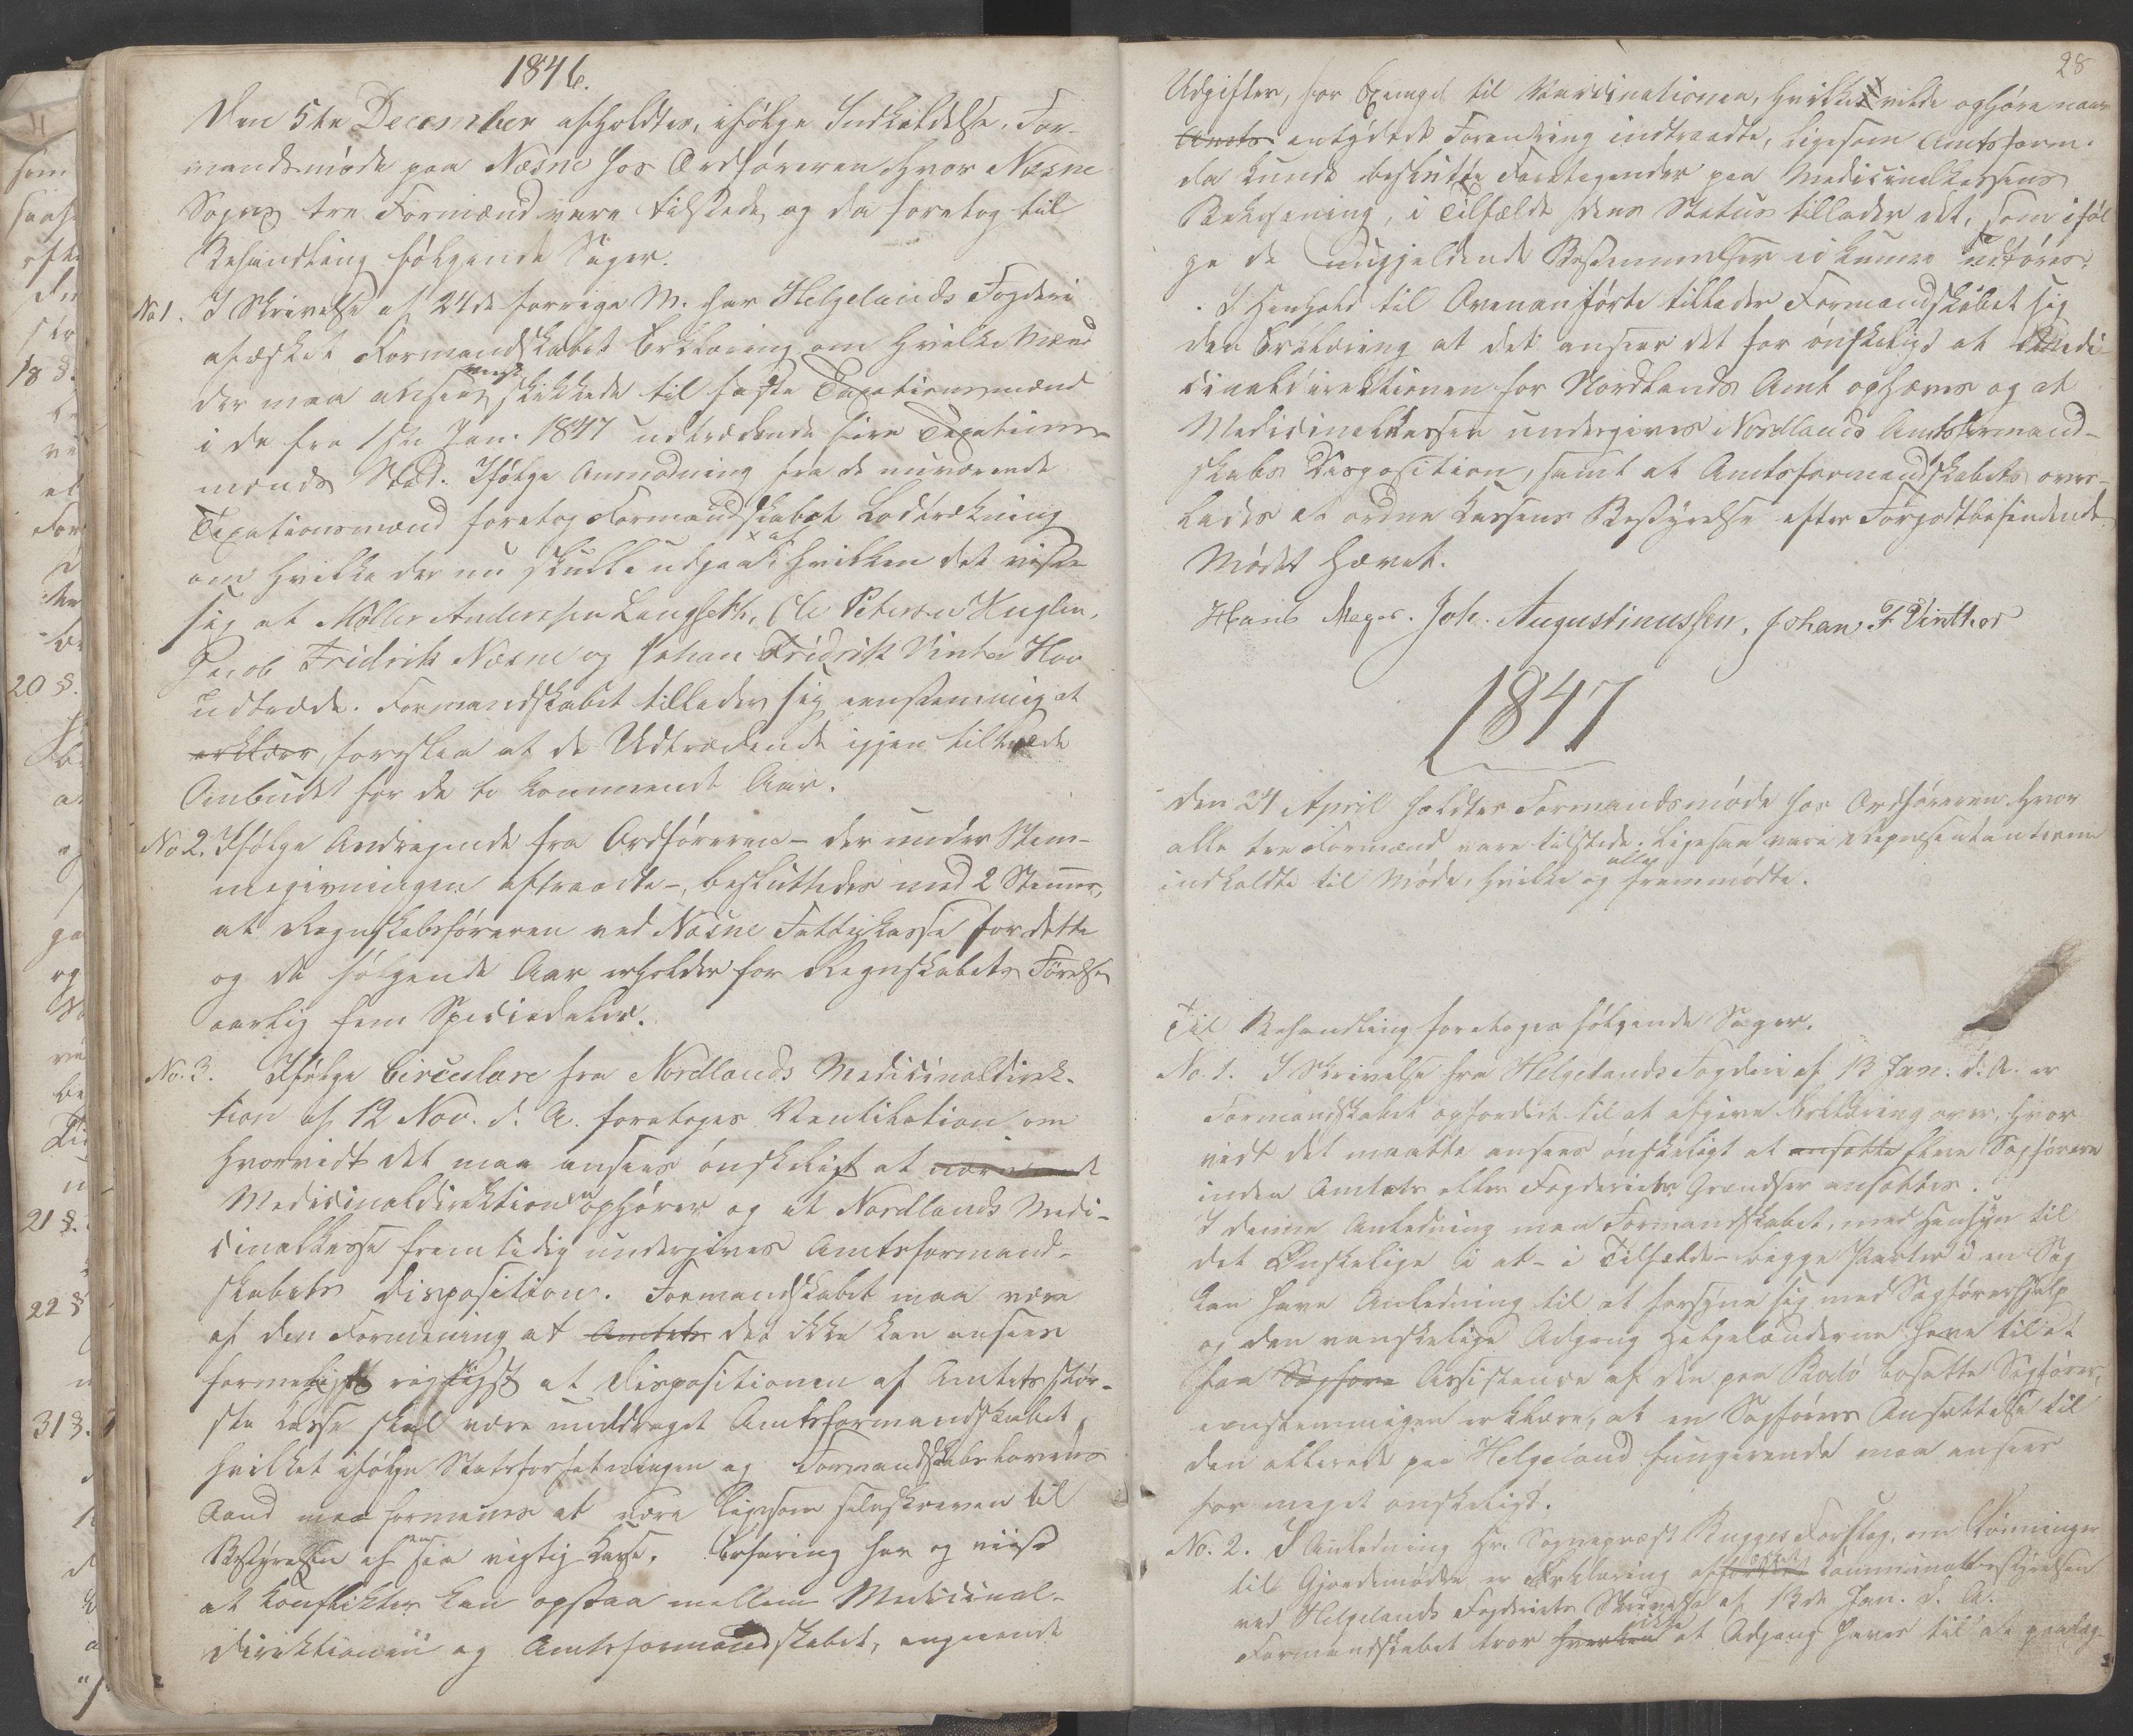 AIN, Nesna kommune. Formannskapet, 100/L0001: Møtebok, 1838-1873, s. 28